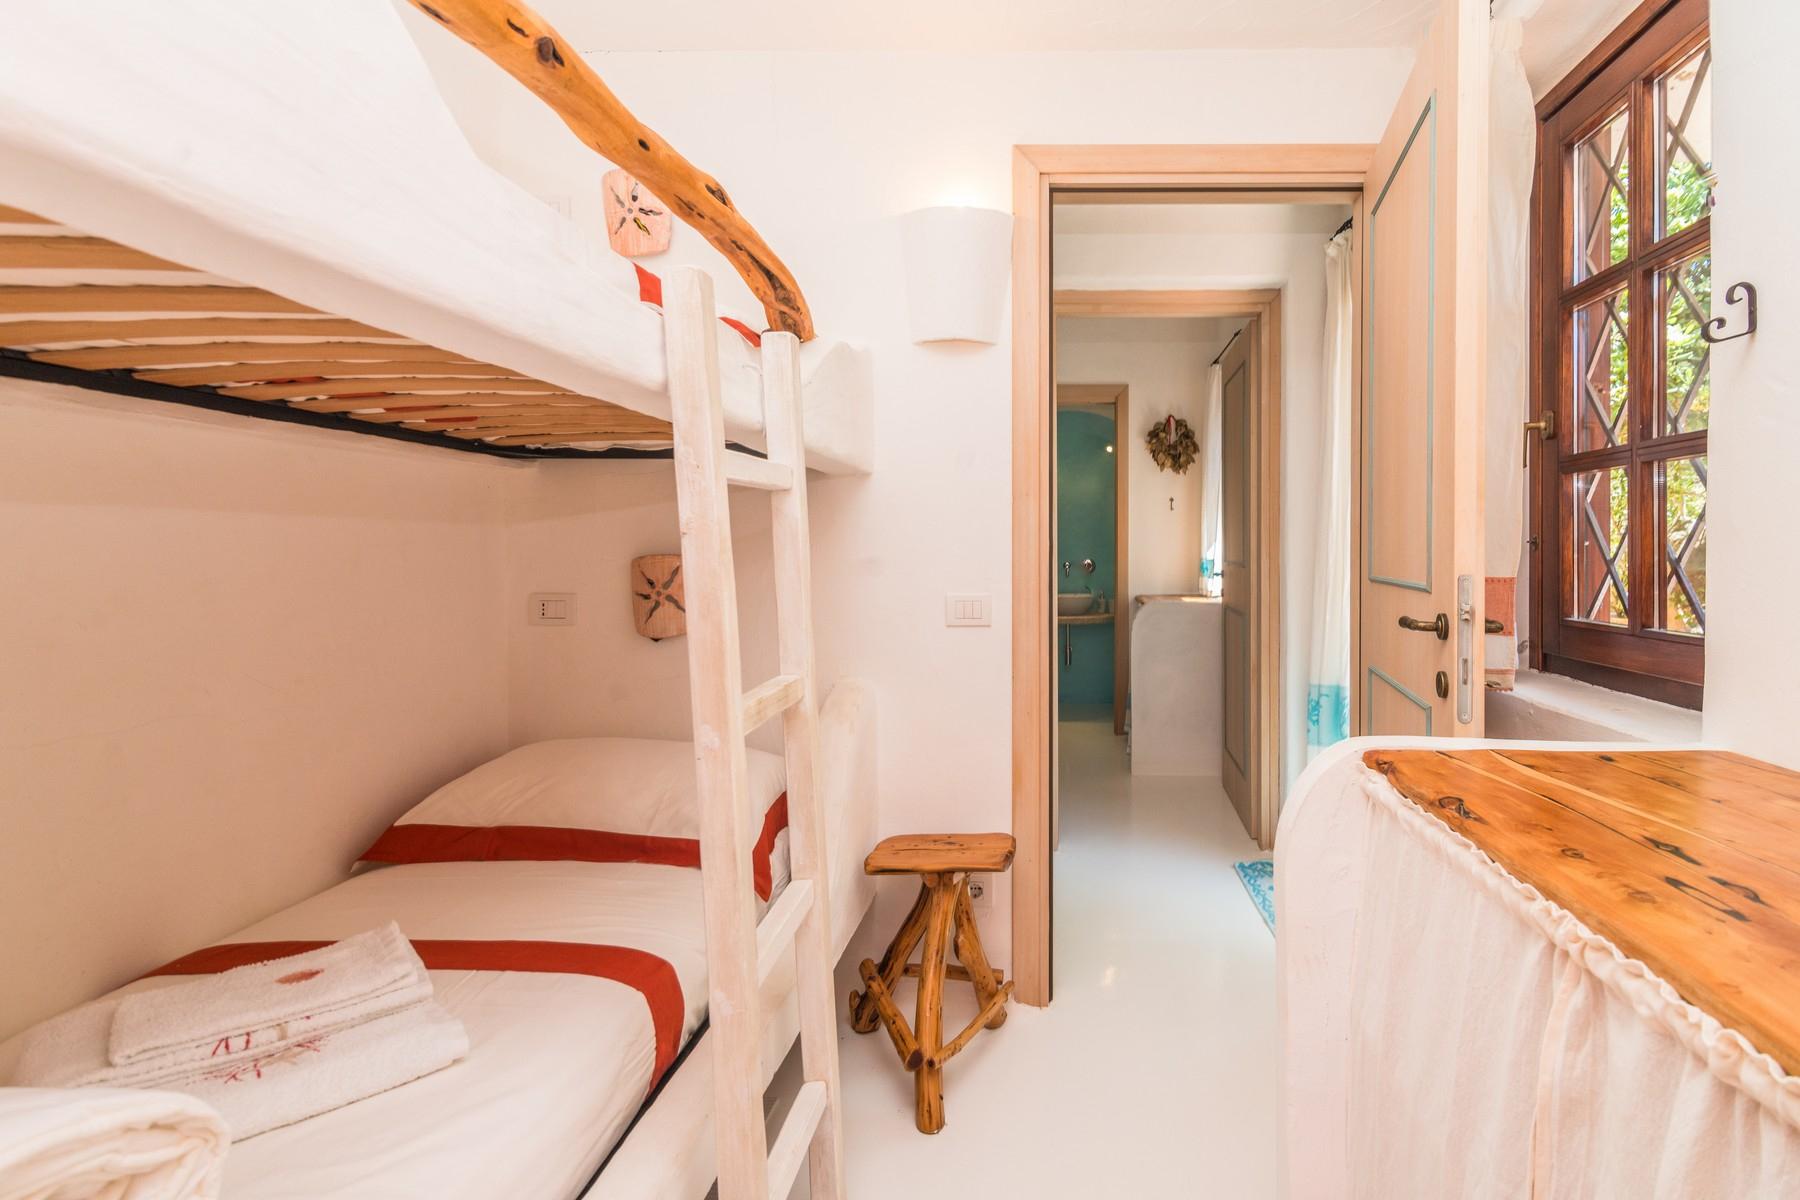 Casa indipendente in Vendita a Arzachena: 4 locali, 60 mq - Foto 13